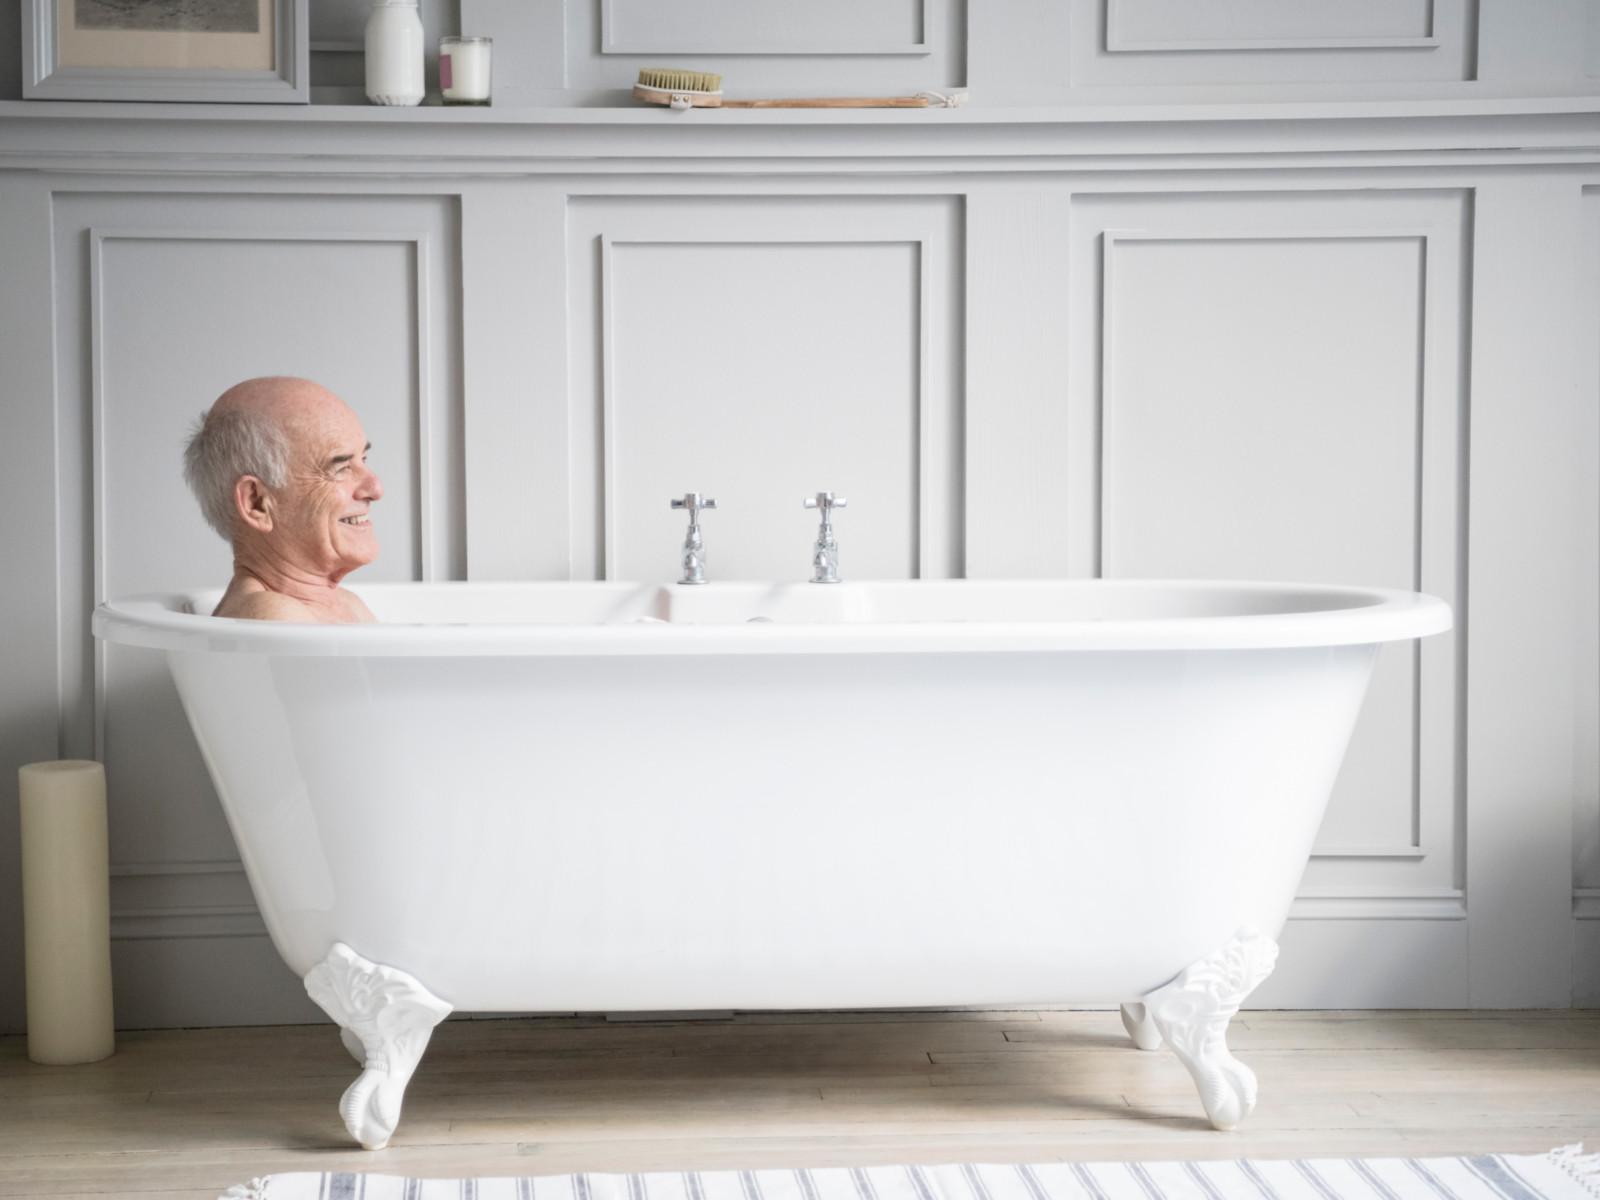 Königliche Badgemächer.